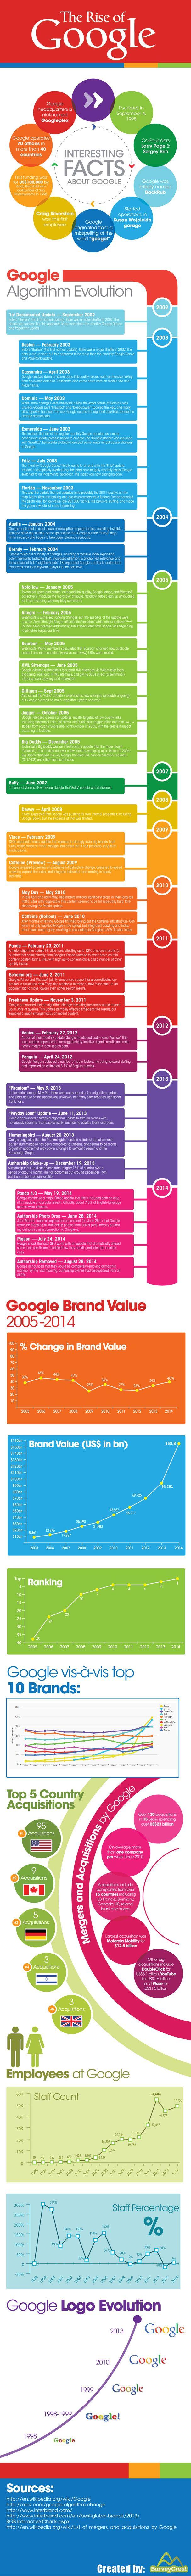 داستان ظهور و پیشرفت گوگل